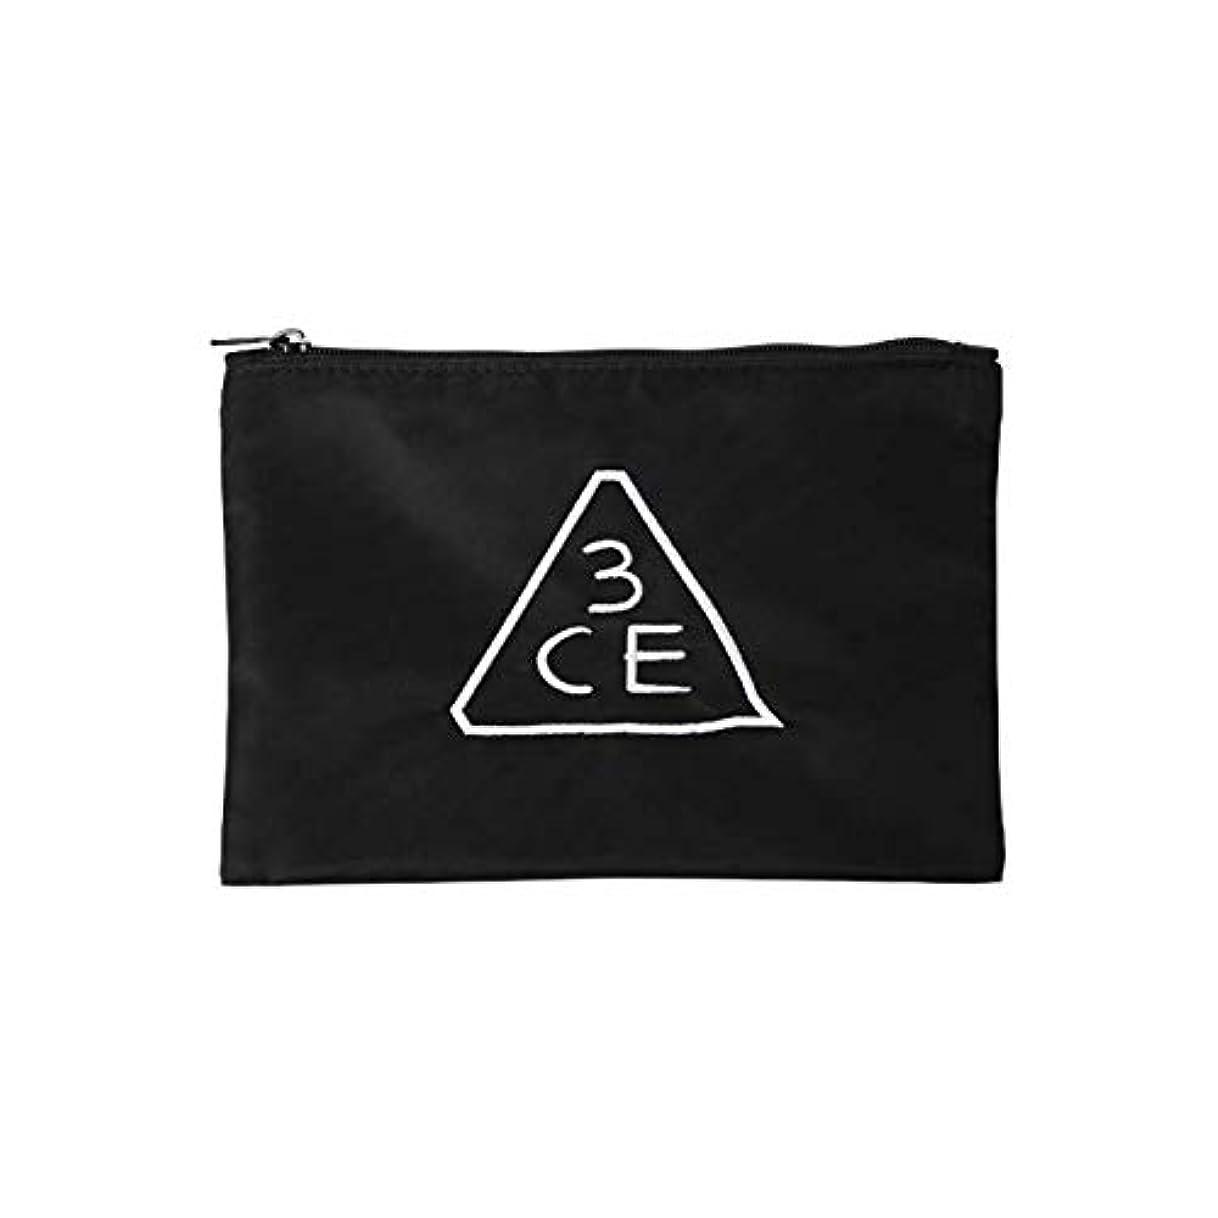 大胆文明大使館3CE フラットポーチ FLAT POUCH SMALL #BLACK [並行輸入品]